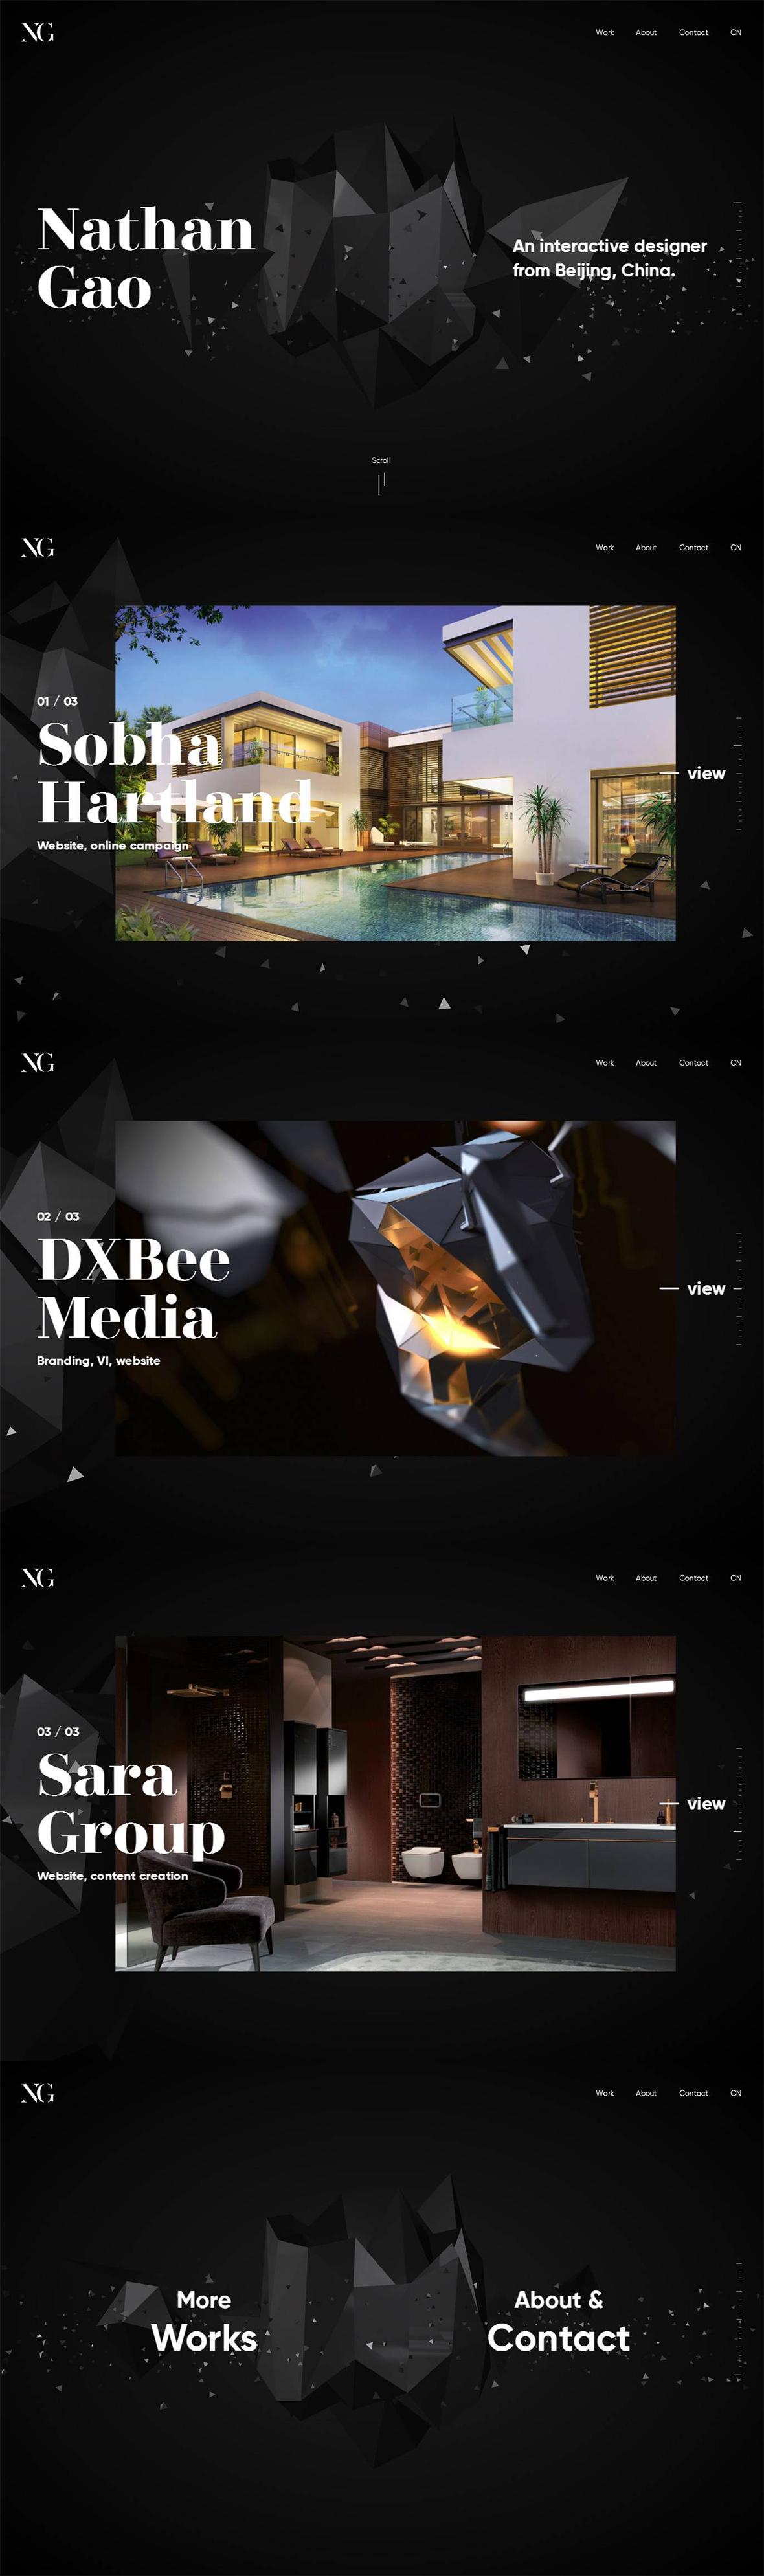 nathangao个人网站-创意,网页设计,创意设计,创意网站,字体设计,创意作品,设计作品,网站欣赏,优,ui设计,设计,设计师,平面设计,设计导航,电商设计,动漫设计,三维设计,平面设计